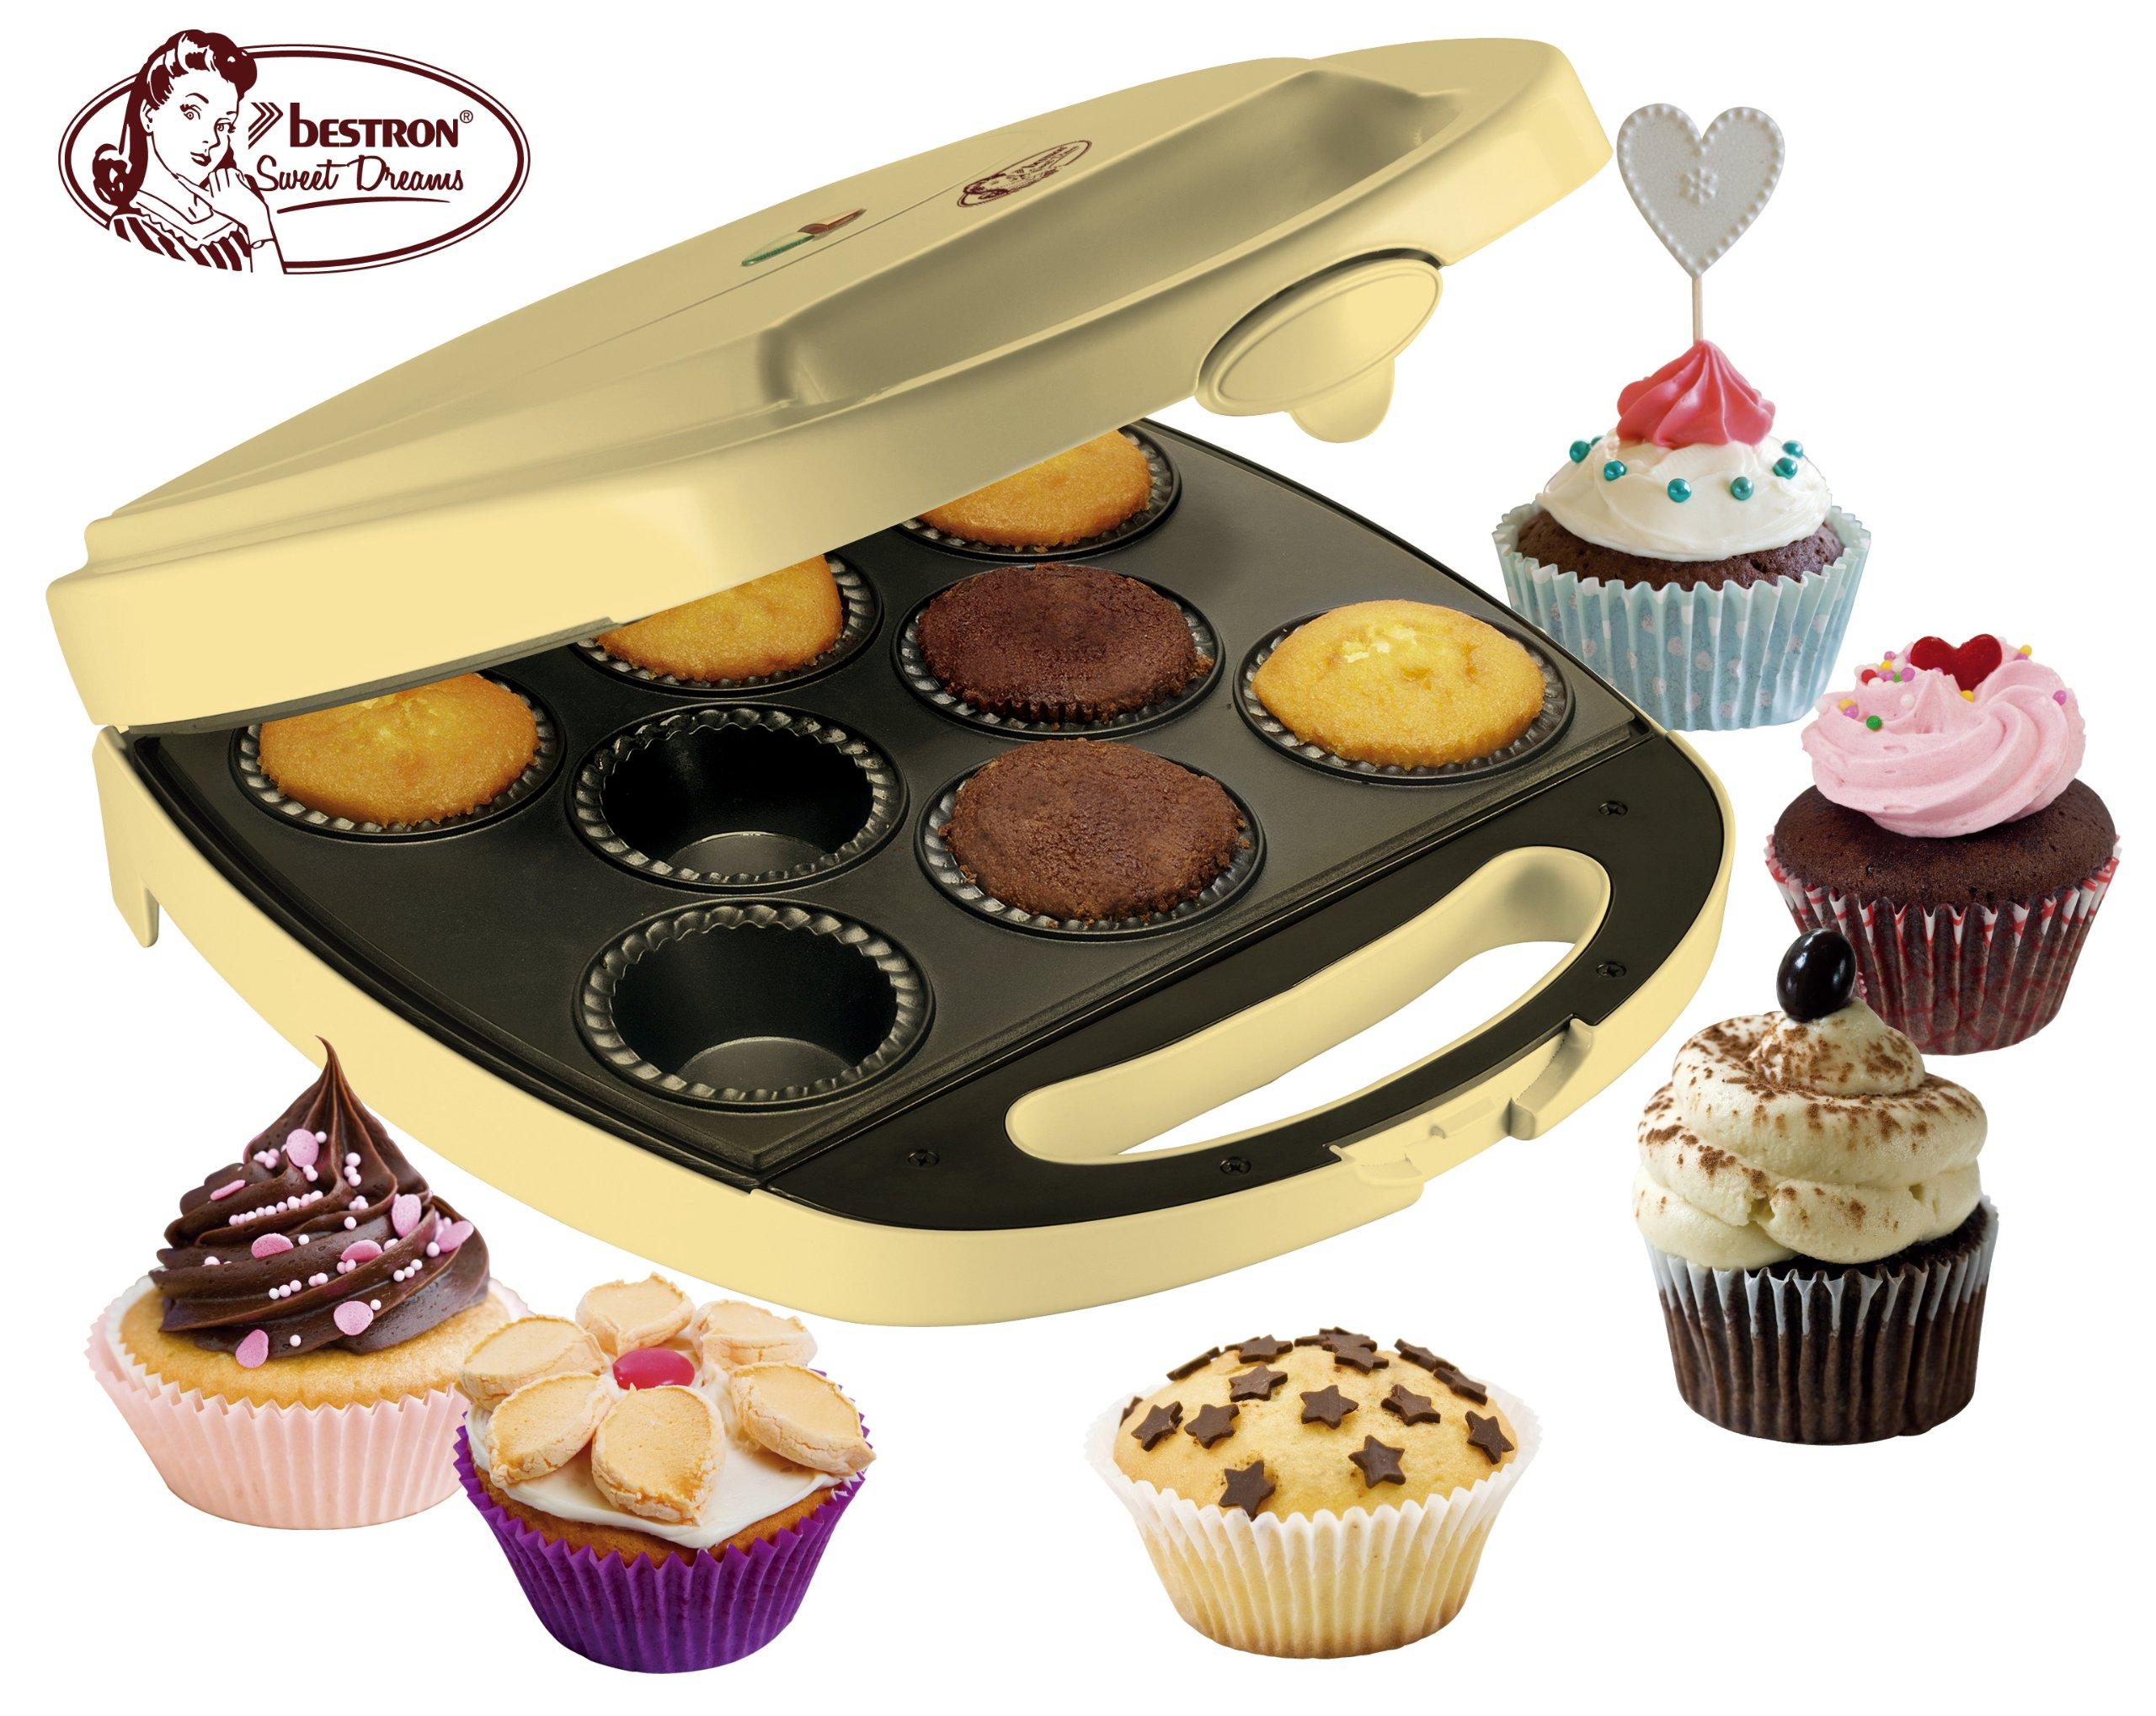 Bestron DKP2828 Pie und Cupcake Gerät 1400 Watt product image